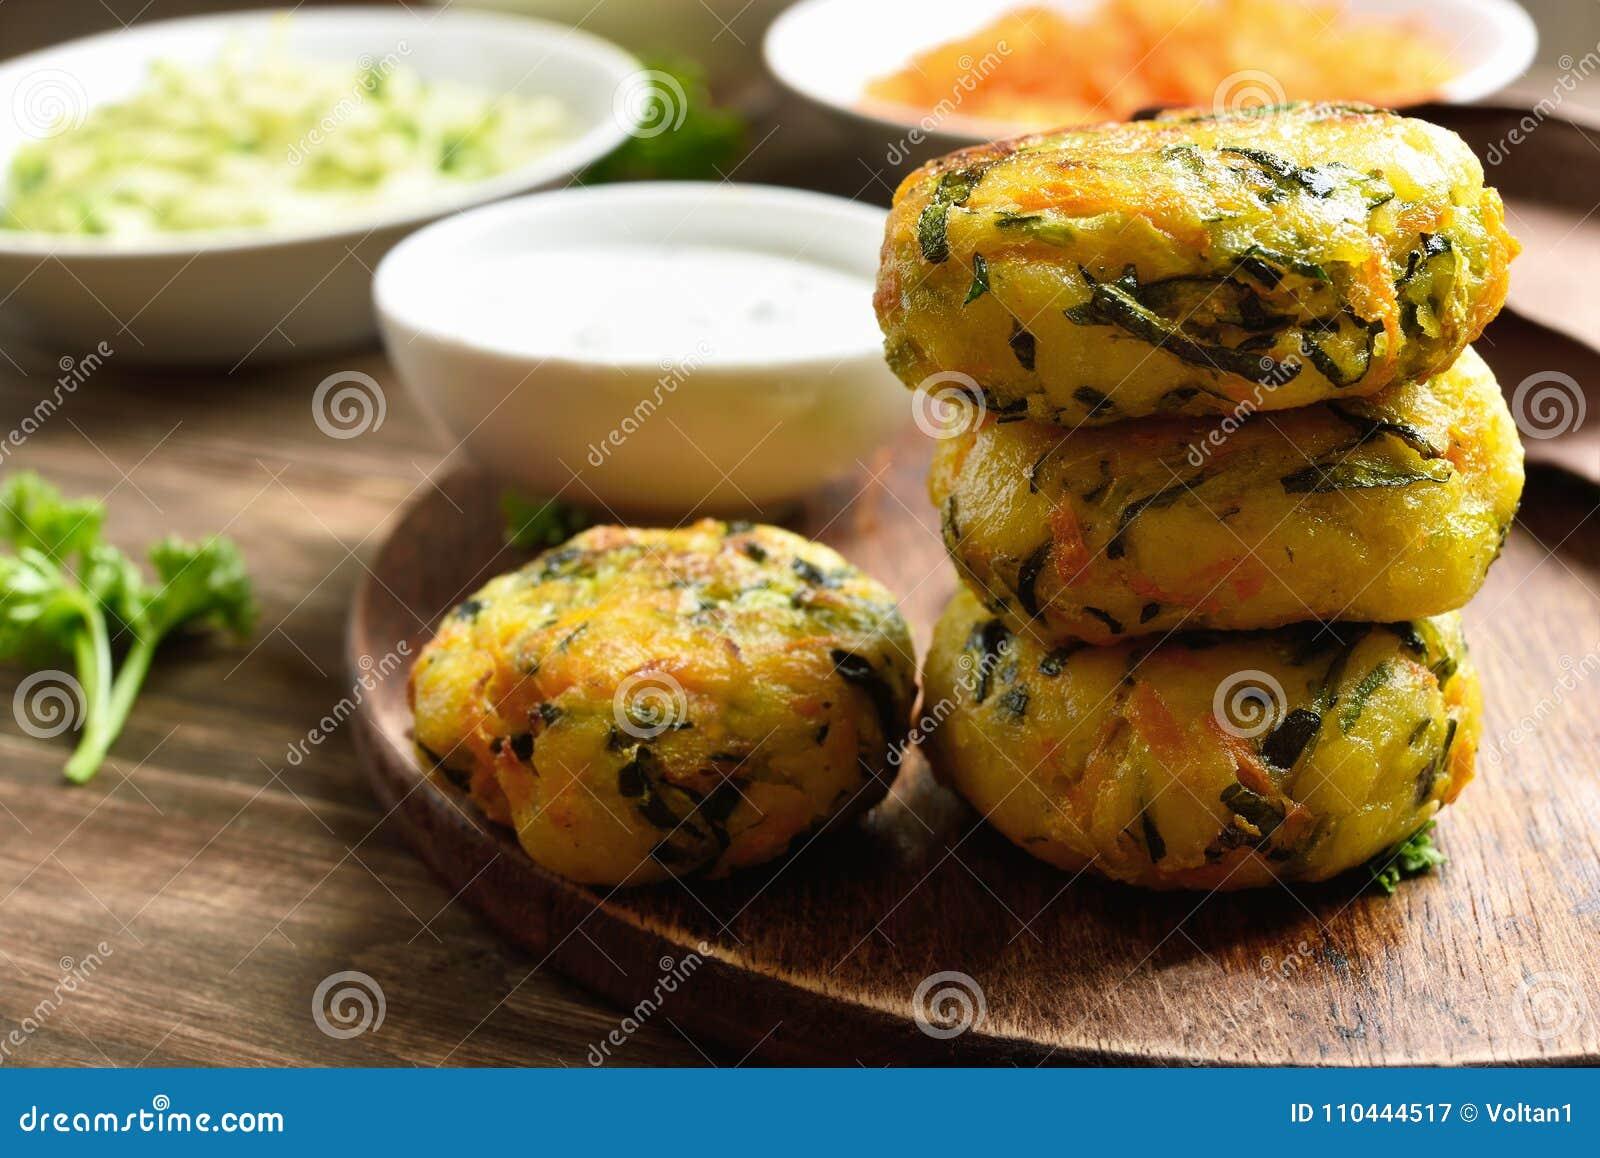 Grönsakkotlett från moroten, zucchini, potatis